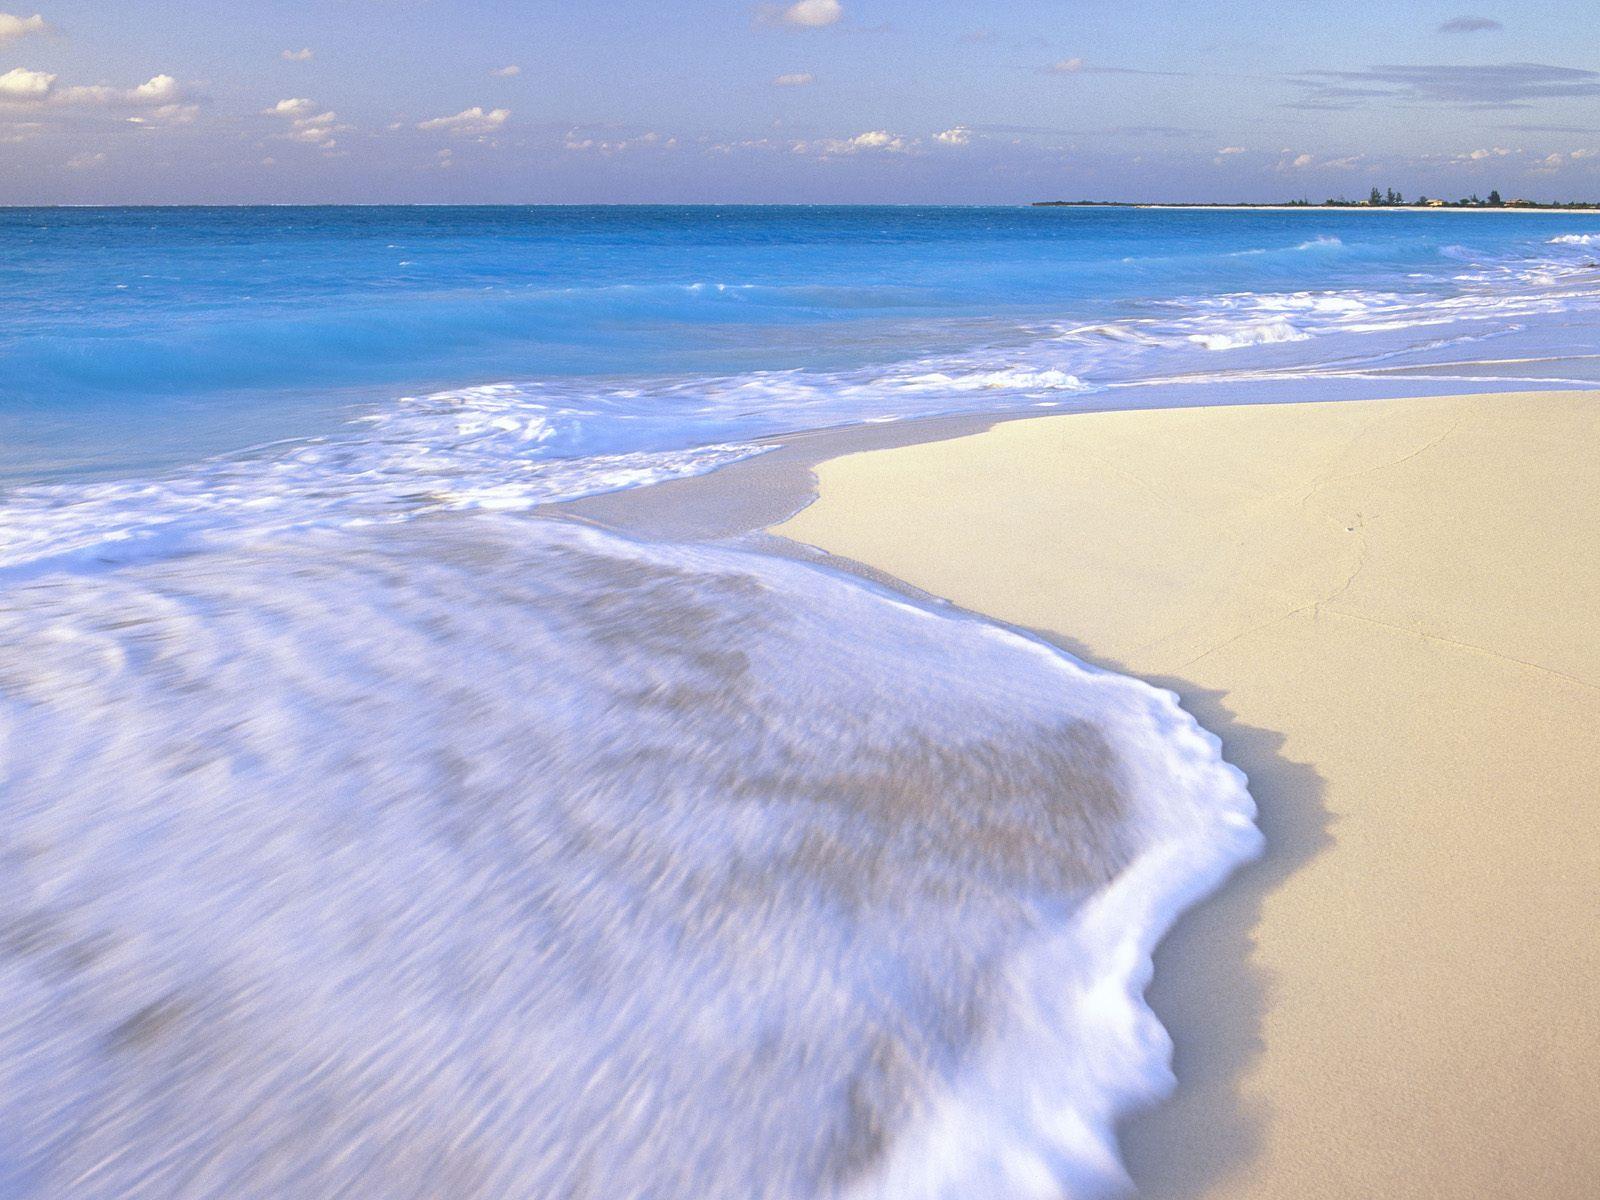 морская волна, скачать фото, море, песок, пляж, обои на рабочий стол